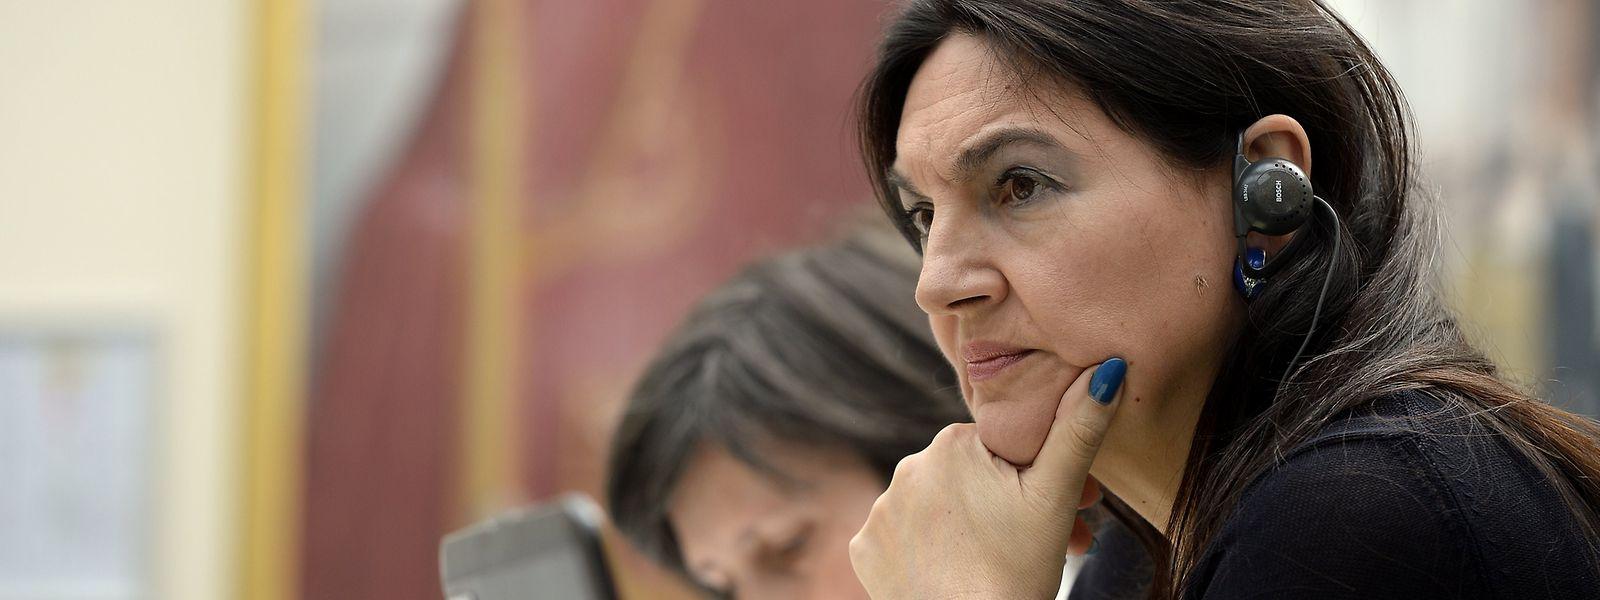 Marie-Christine Marghem ist irritiert über die Vorwürfe aus Luxemburg.